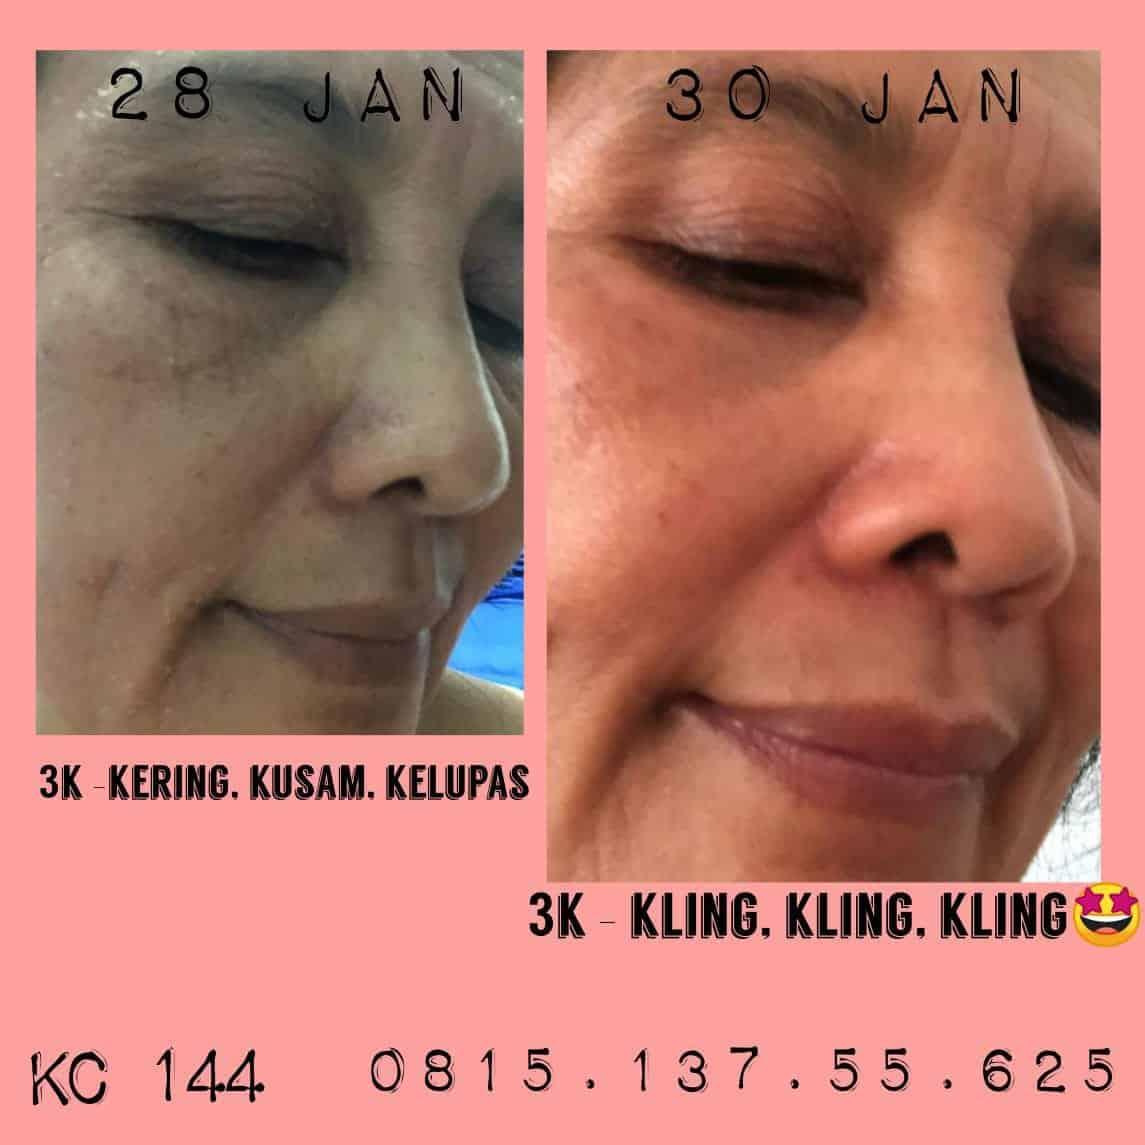 KENSkincare, perawatan wajah terlengkap